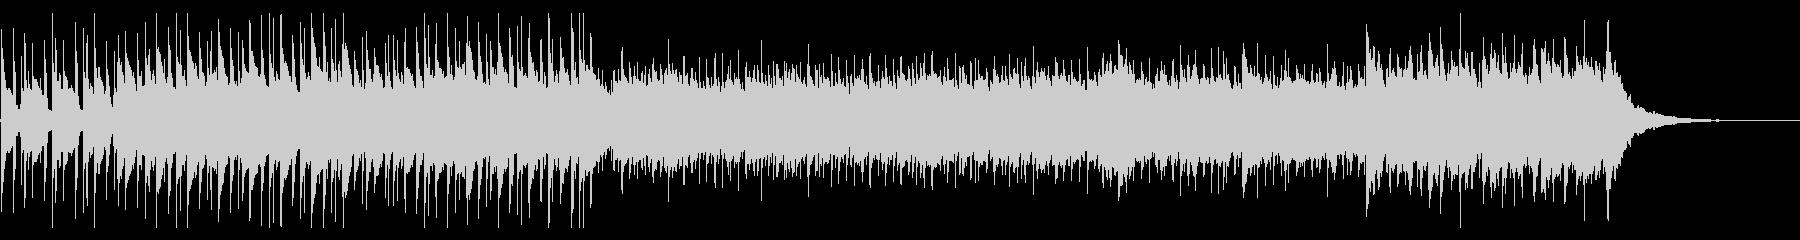 ウクレレEDM企業VP会社紹介 1分の未再生の波形